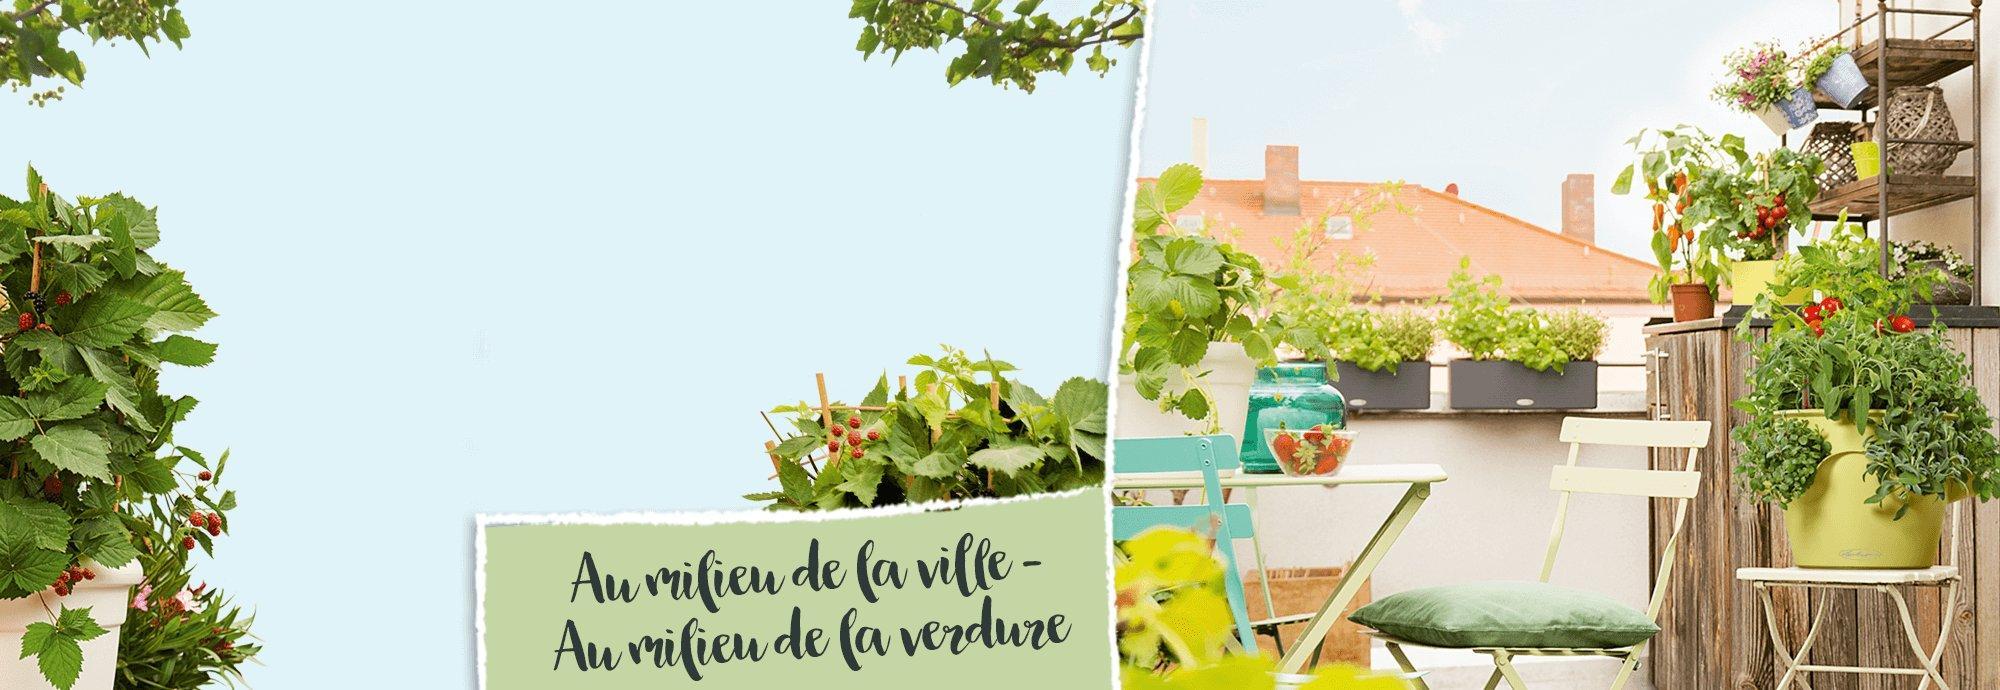 hero_banner_urban_gardening_fr